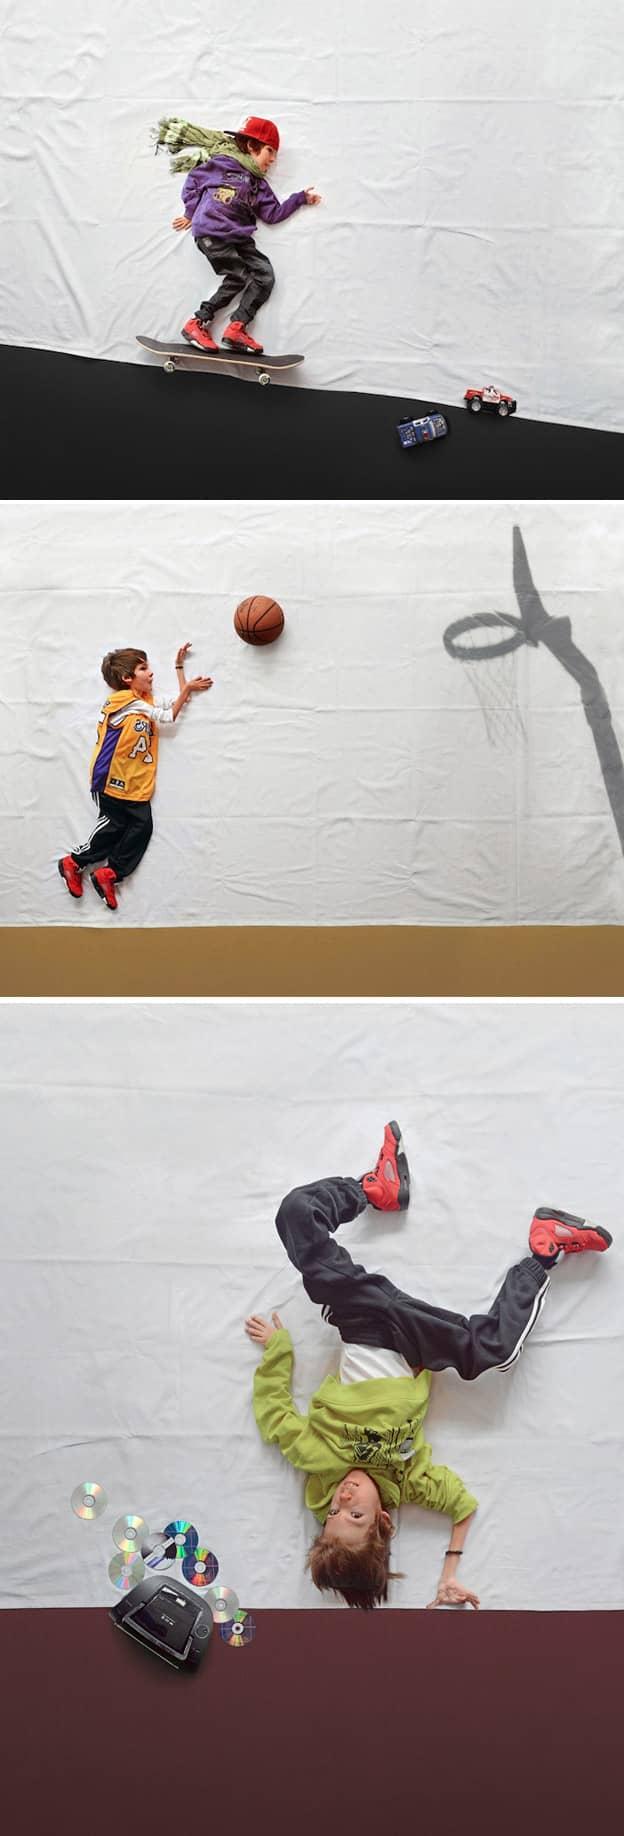 Fotógrafo transforma sonhos de um garoto com distrofia muscular em realidade 4